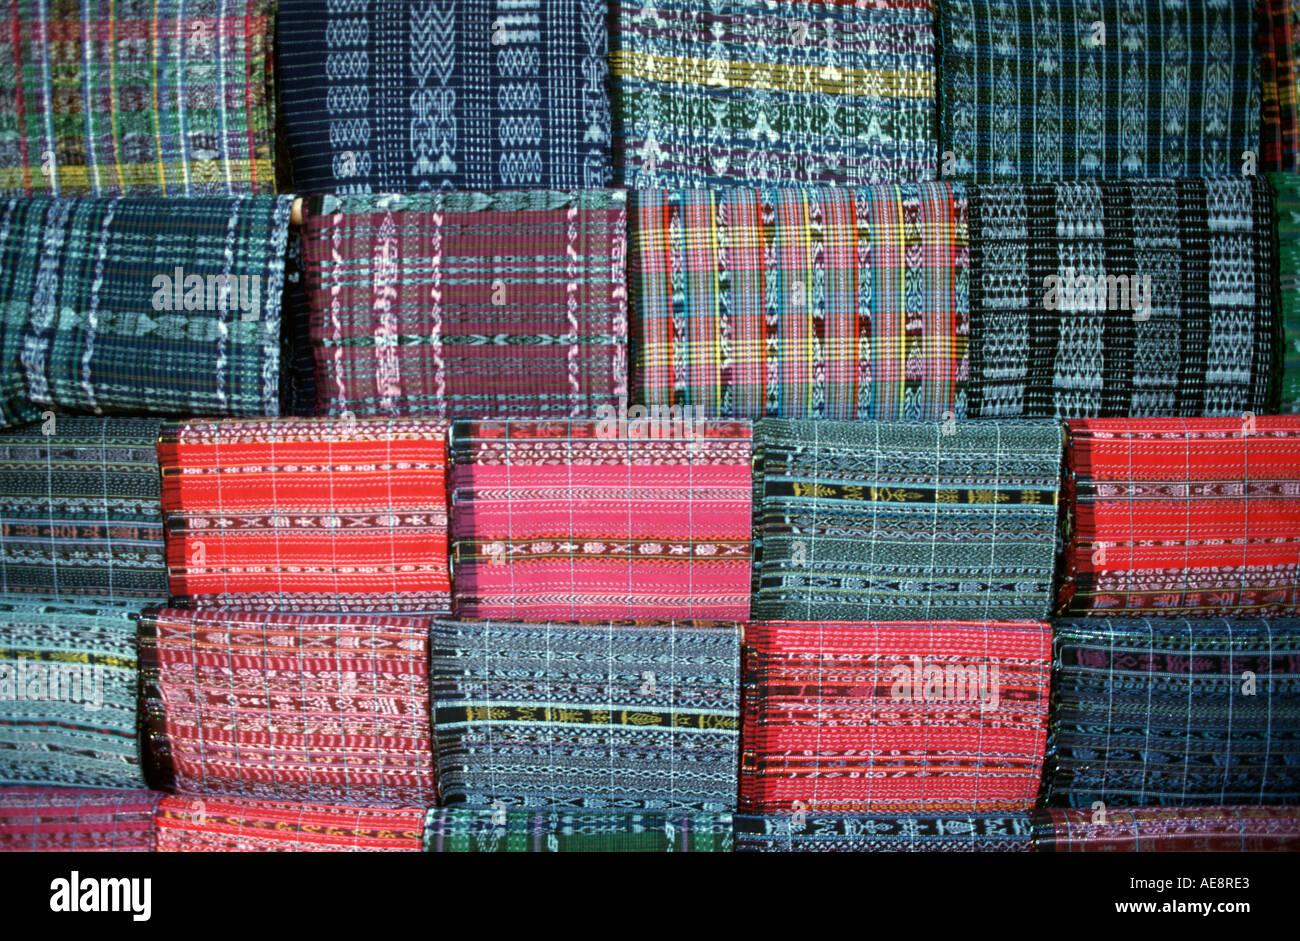 Guatemalan skirt fabric for sale at market Santiago Atitlan Lake Atitlan Guatemala Stock Photo